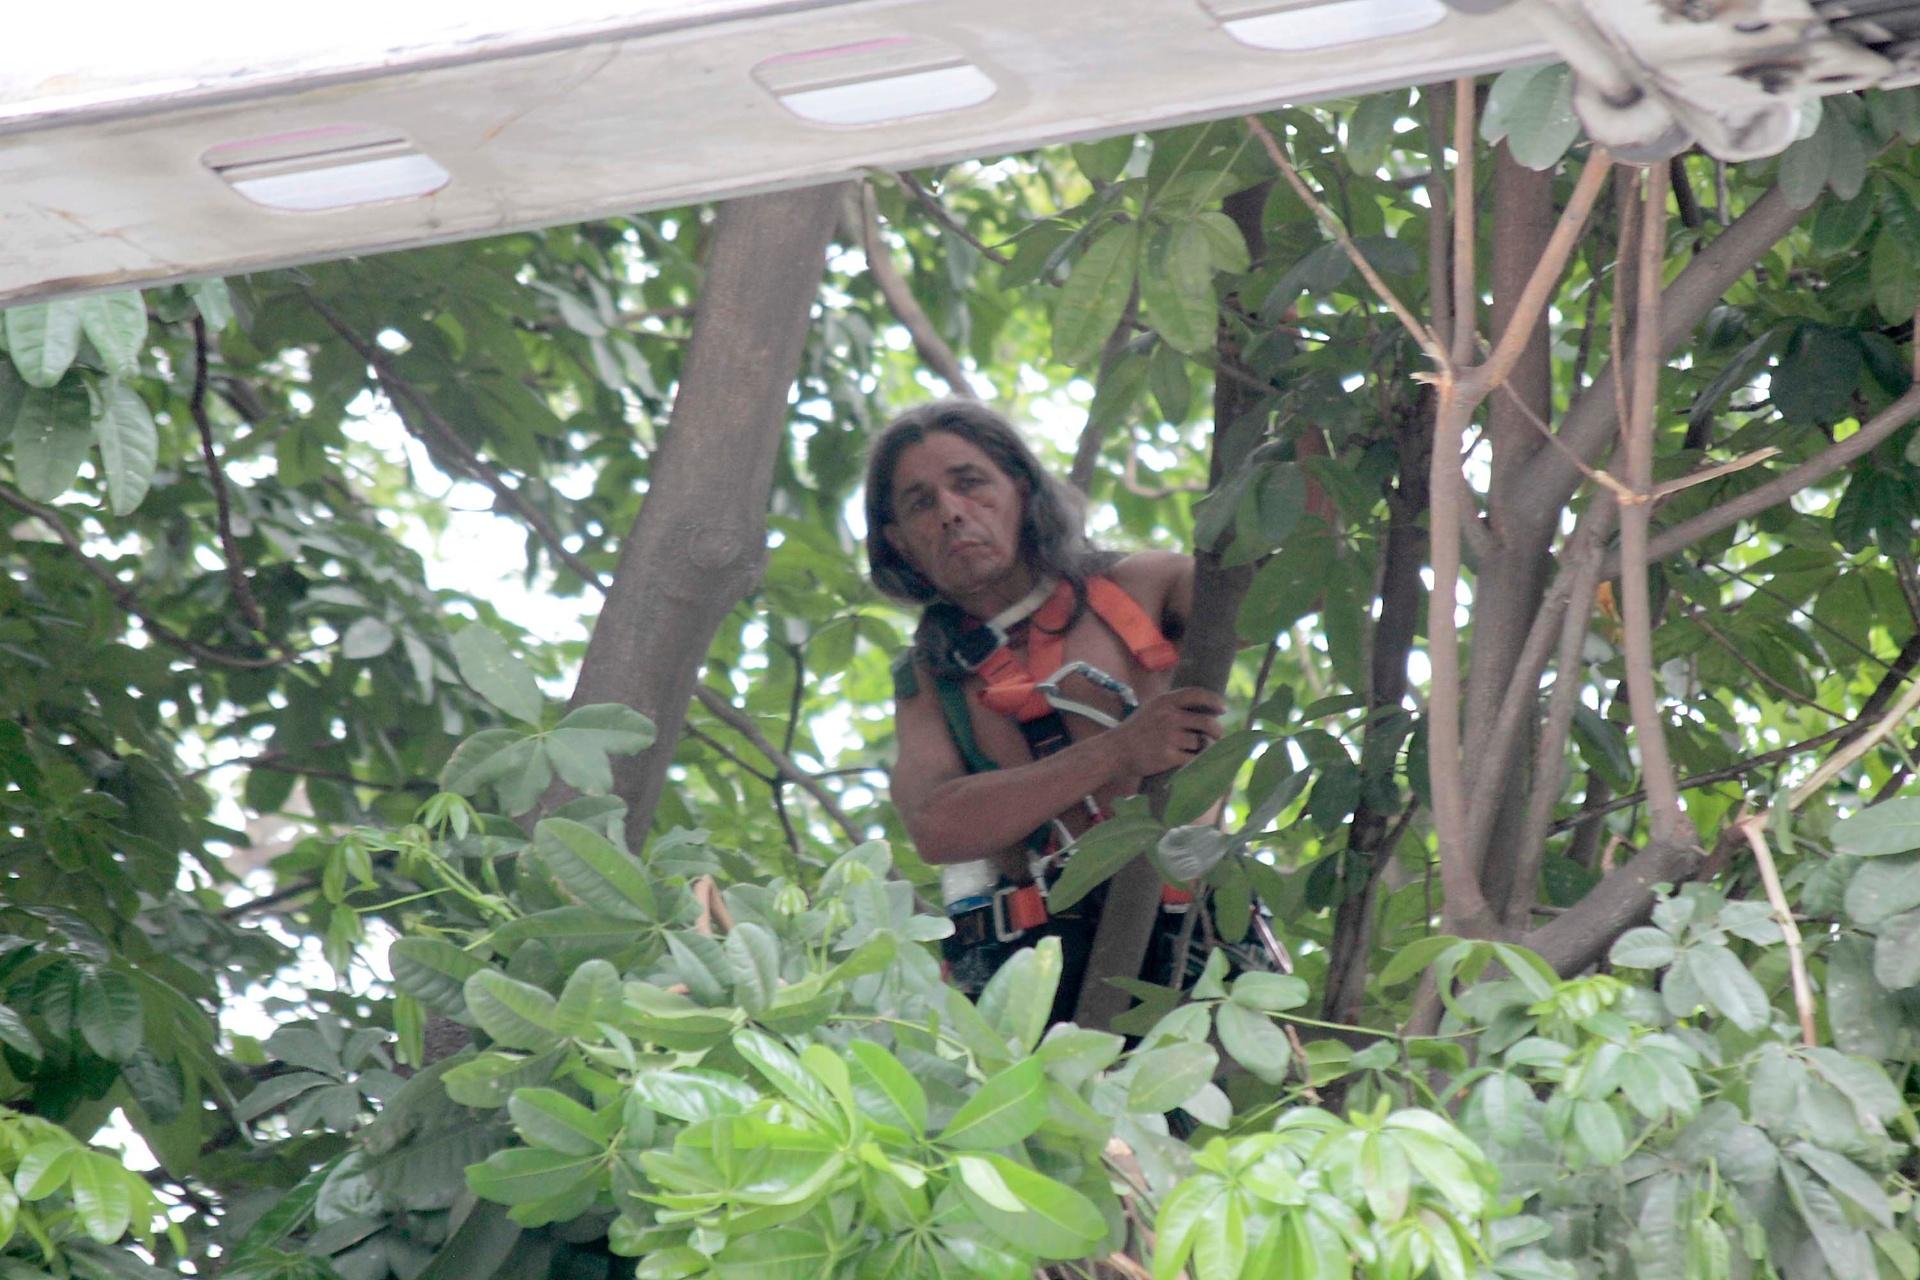 17.dez.2013 - O índio Urutau José Guajajara, da tribo guajajara, amanheceu em cima de uma árvore, a quatro metros de altura, próxima ao prédio do antigo Museu do Índio, que fica nas imediações do Estádio do Maracanã, zona norte do Rio. O índio realizava um protesto desde a manhã de segunda-feira (16), quando policiais militares do Batalhão de Choque retiraram 30 pessoas do prédio. Ele foi o único que não deixou a área após ação de reintegração de posse. Os bombeiros conseguiram retirar o índio cerca de 26 horas depois dele ter subido na árvore